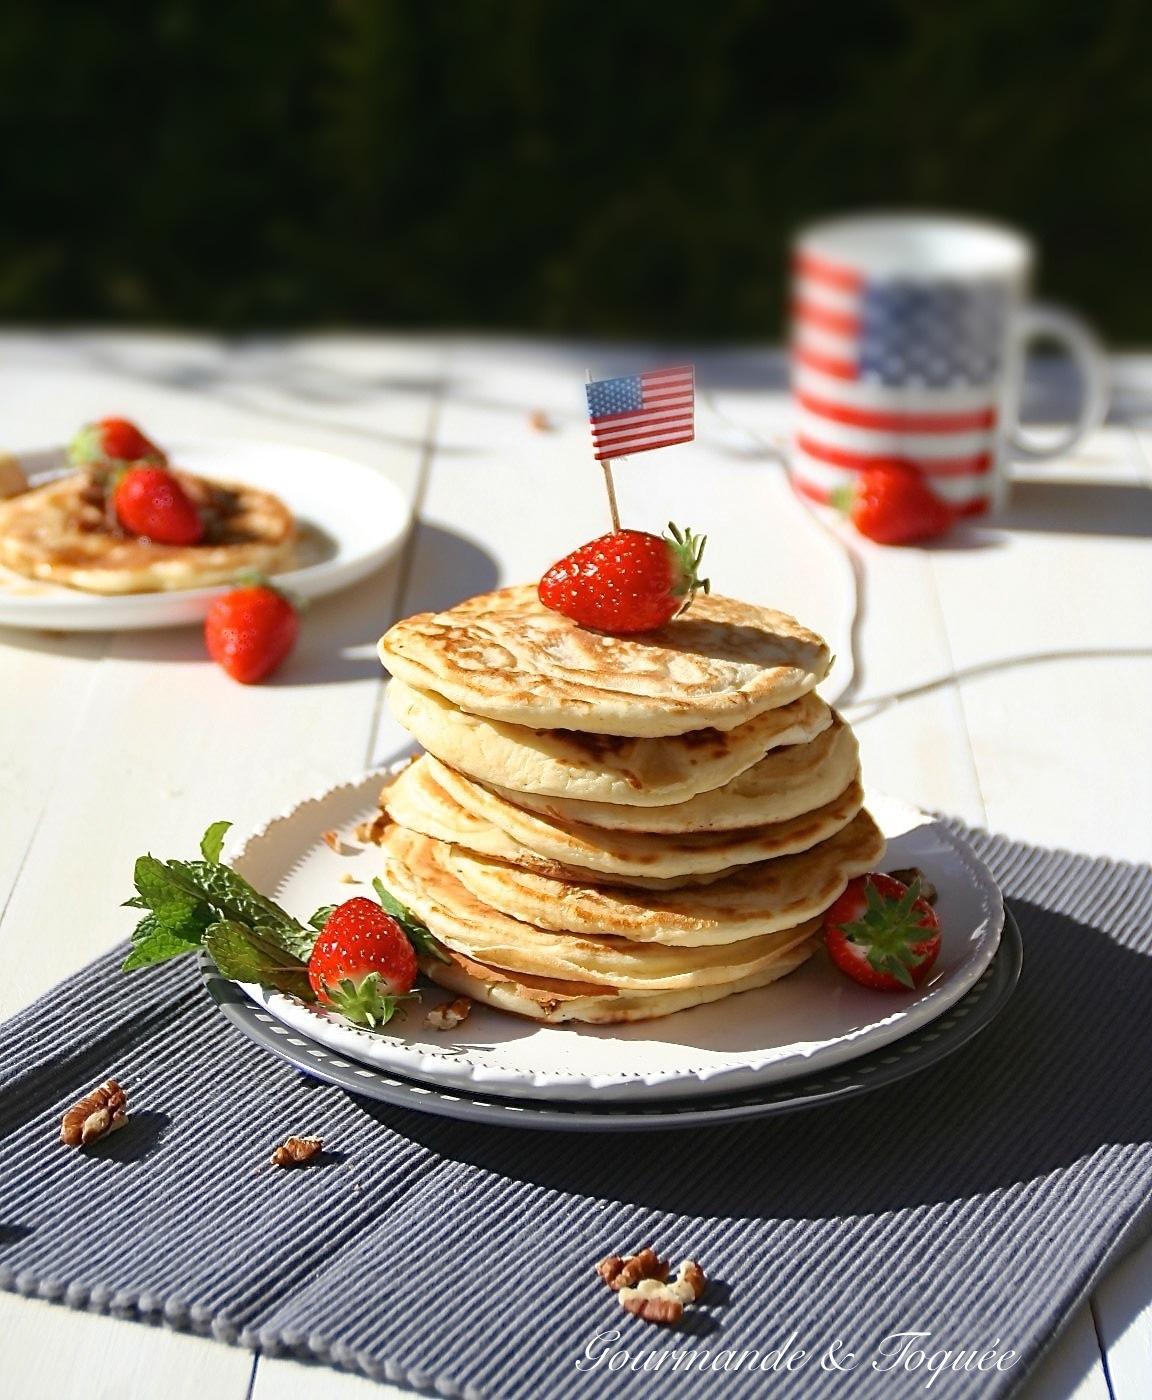 Recettes de cuisine am ricaine par agn s de gourmande - Recette traditionnelle cuisine americaine ...